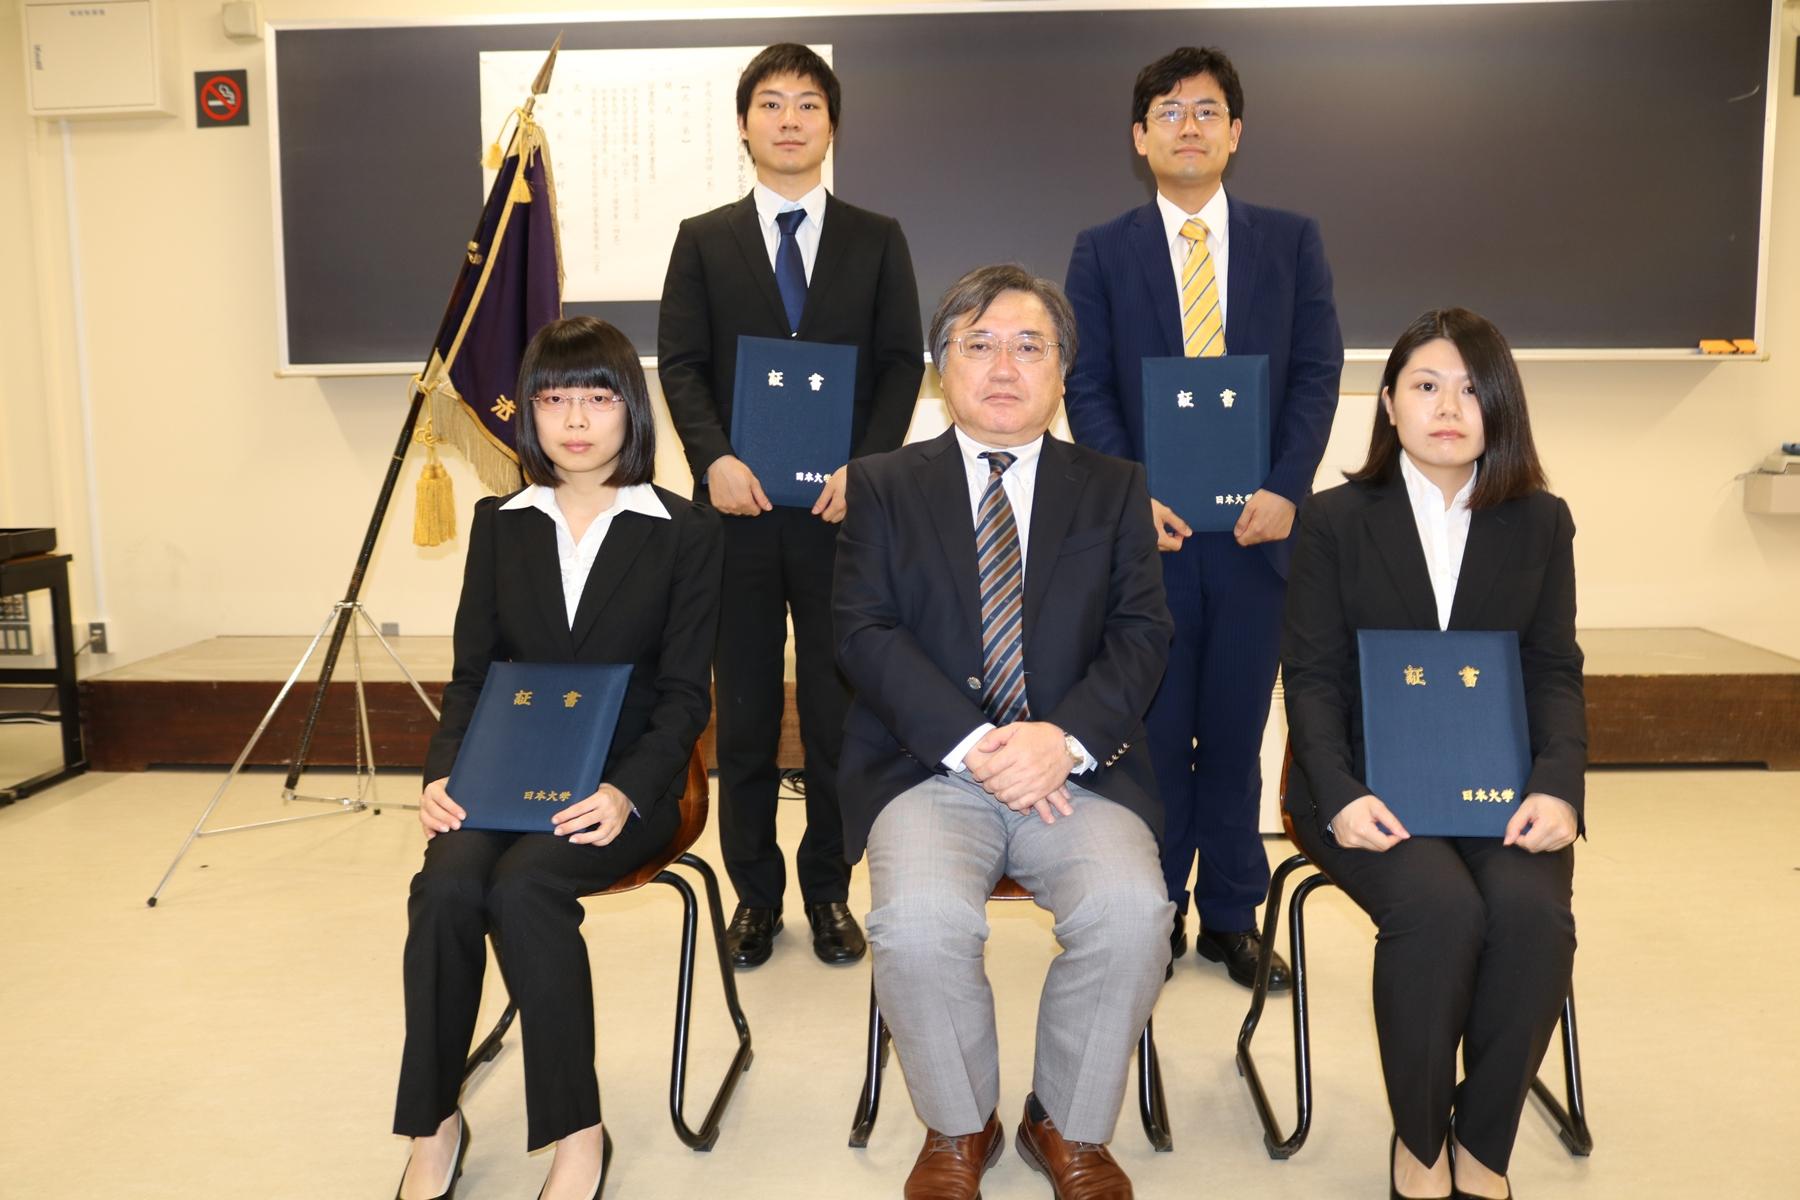 日本大学大学院法学研究科 | 平成28年度 奨学生証書 授与式が執り行わ ...